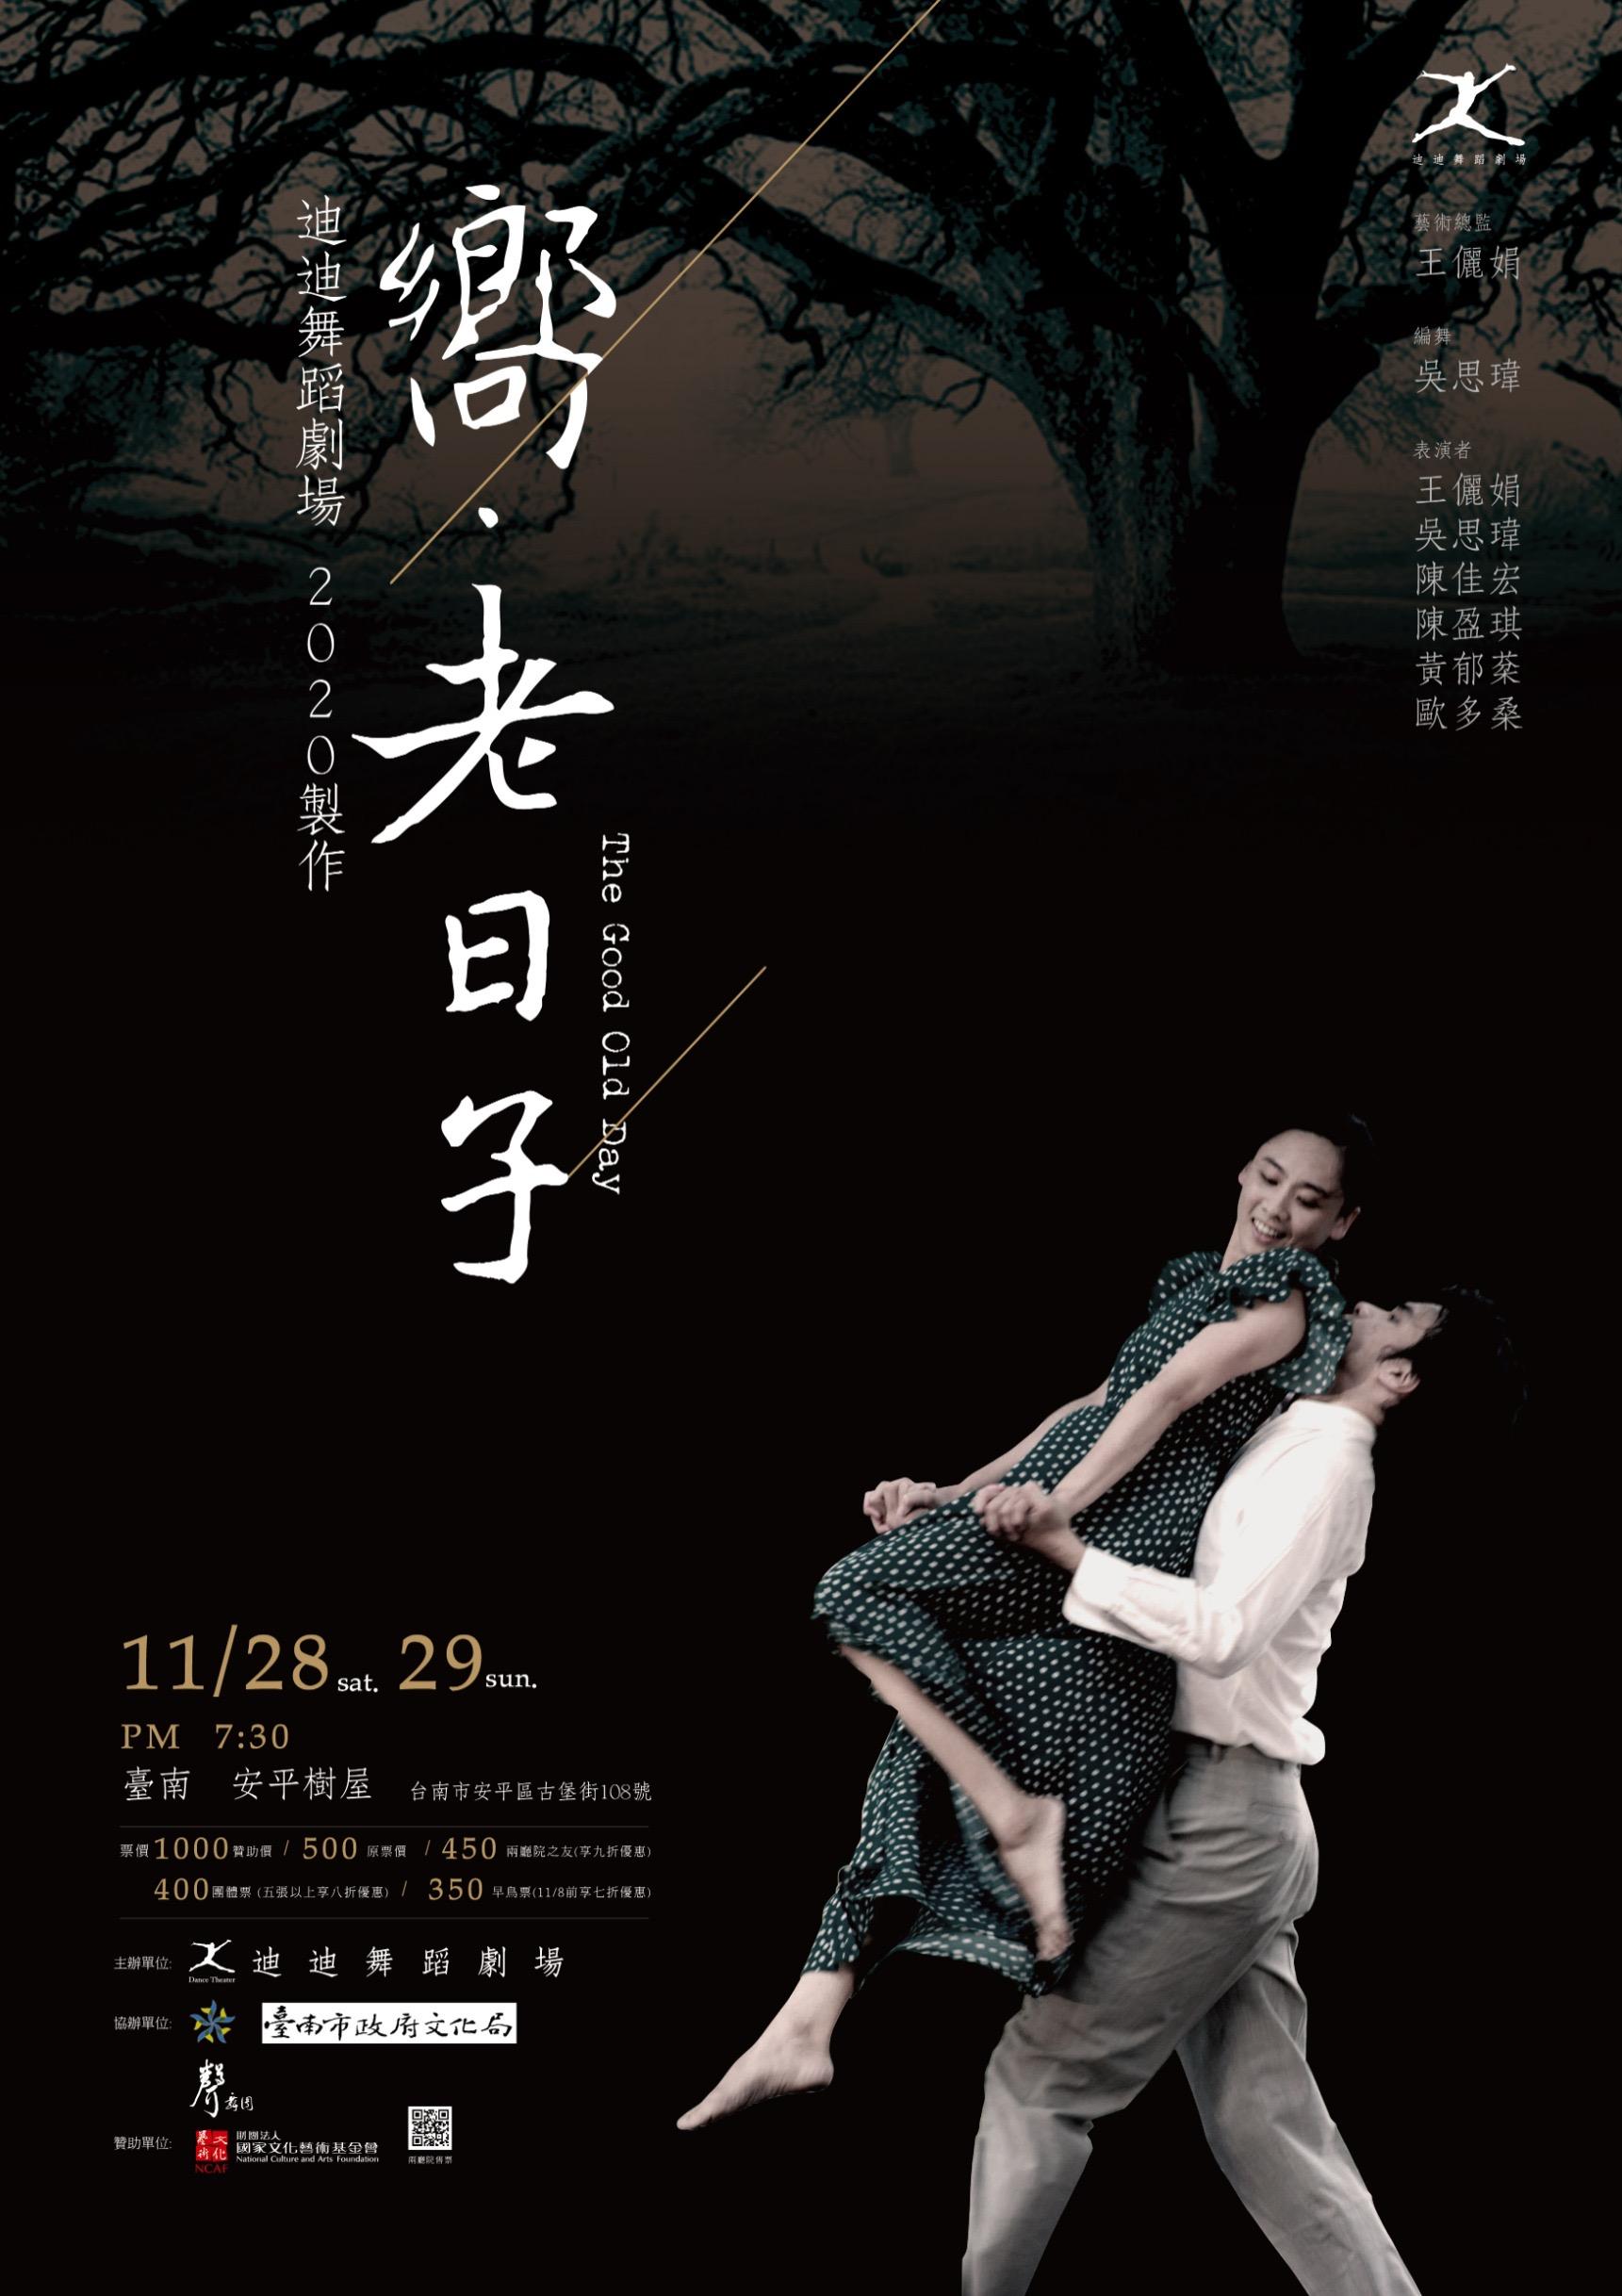 安平樹屋╳迪迪舞蹈劇場─《嚮.老日子》